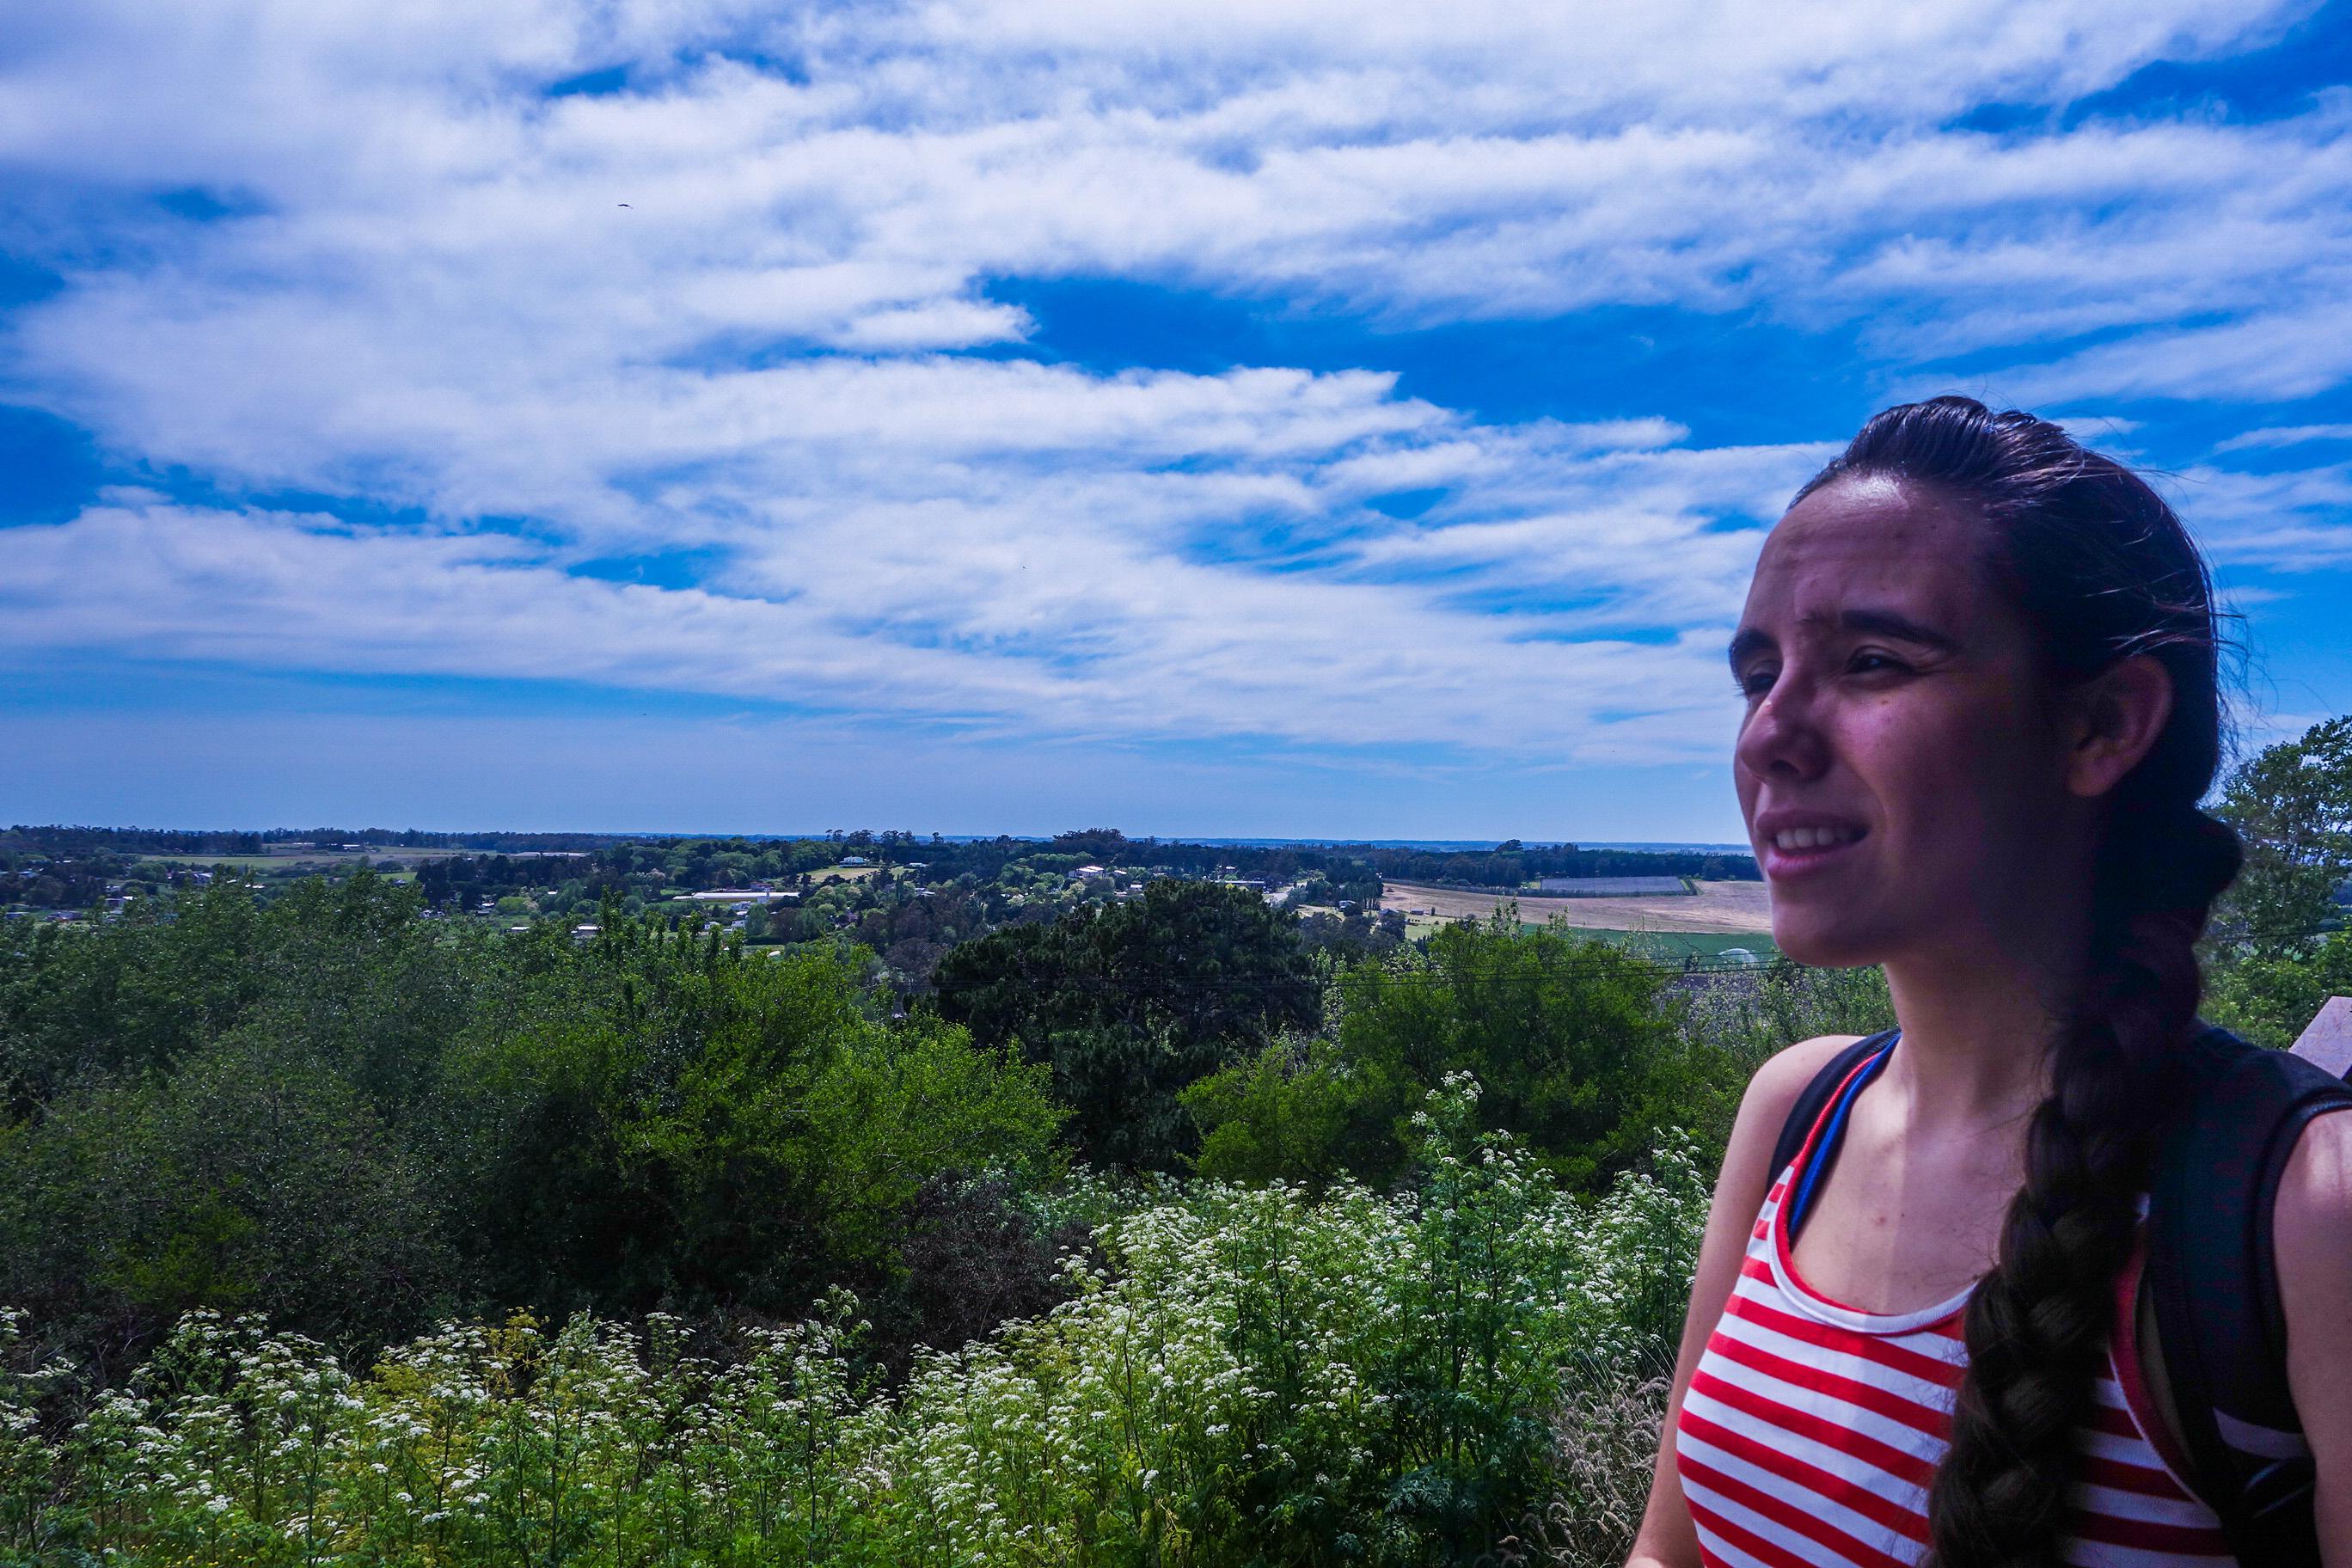 Erika à Mar del Plata